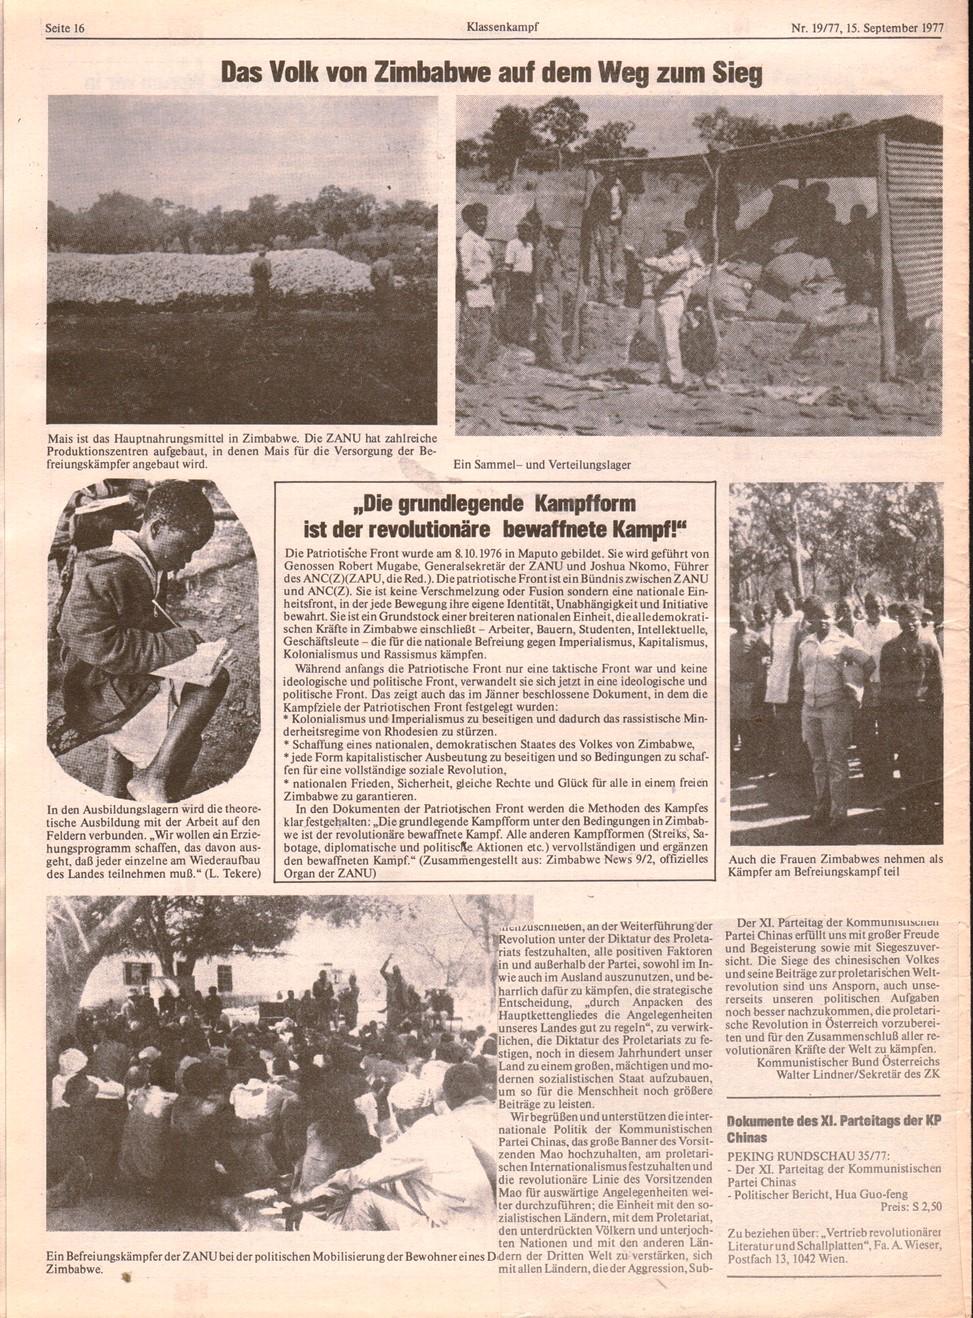 KBOe_Klassenkampf_1977_19_16